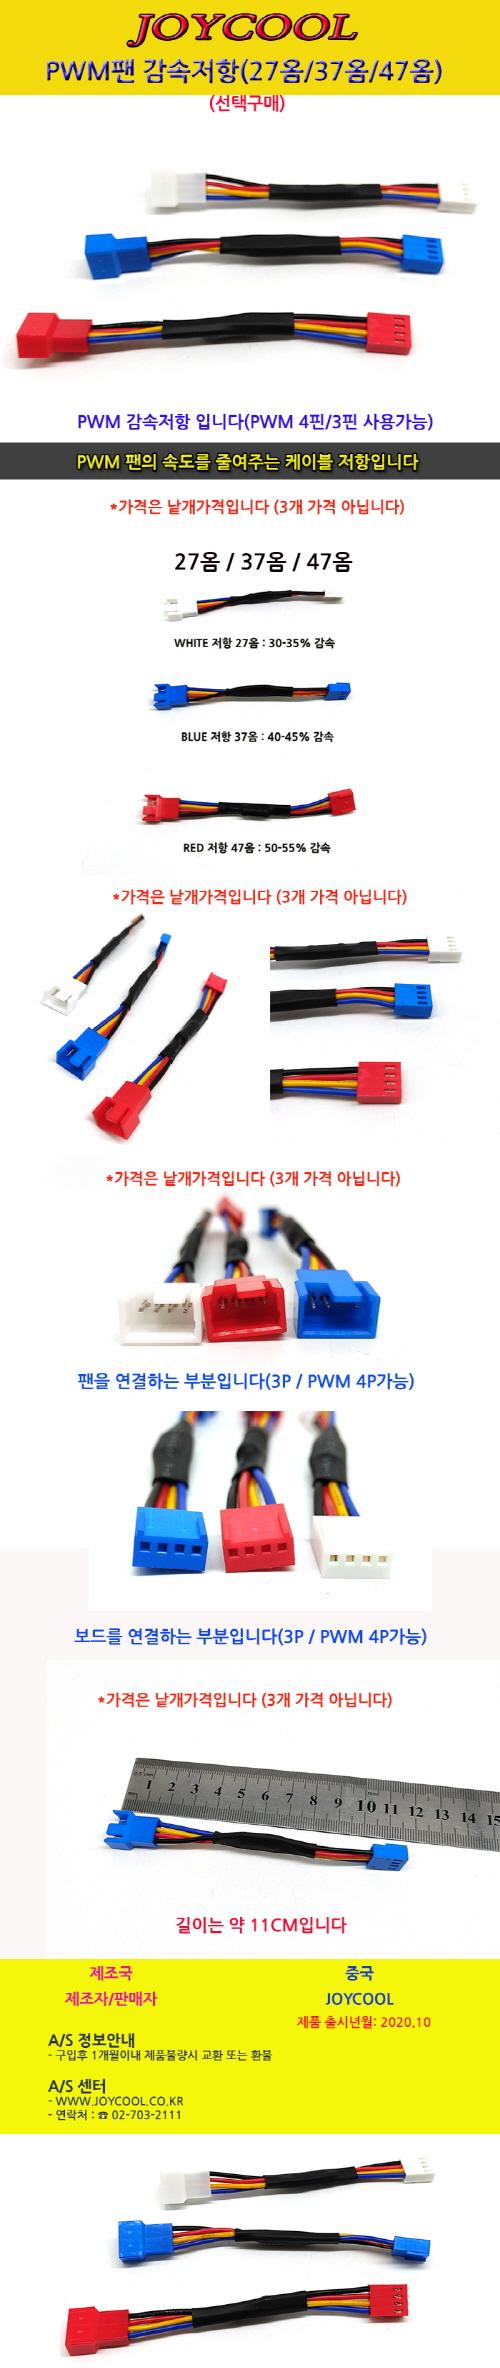 조이쿨 조이쿨 PWM 팬 감속저항 47옴 케이블 (0.11m)